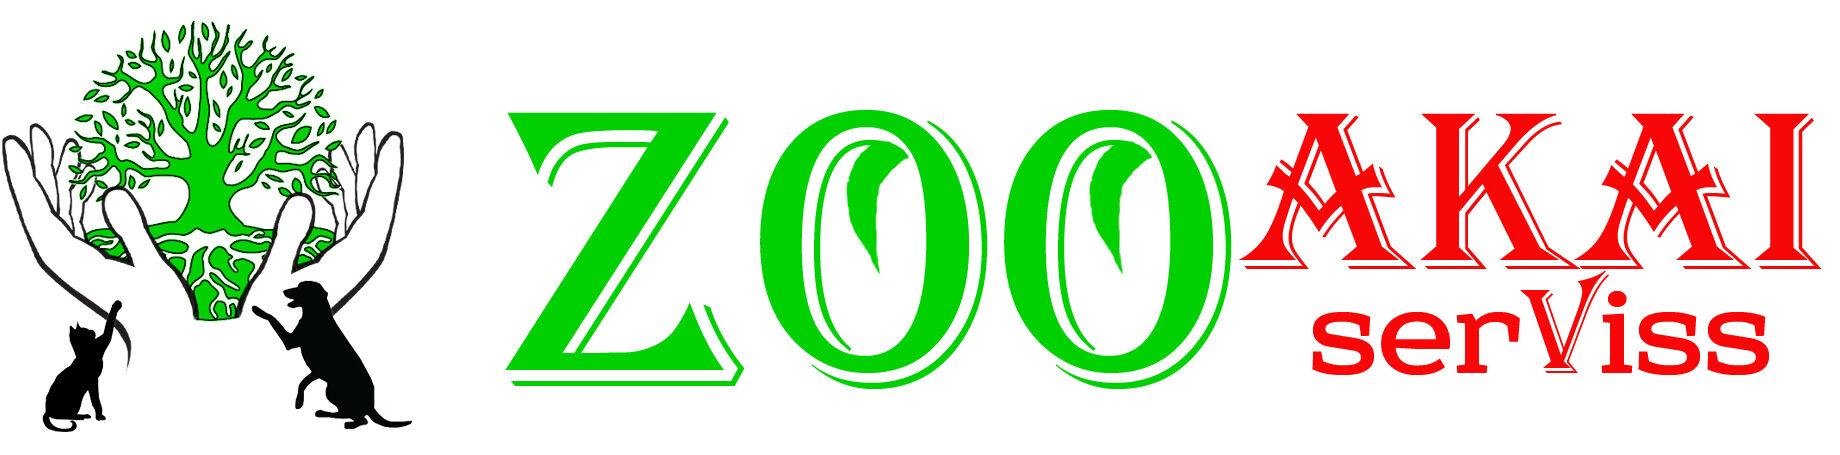 zooAKAIserviss